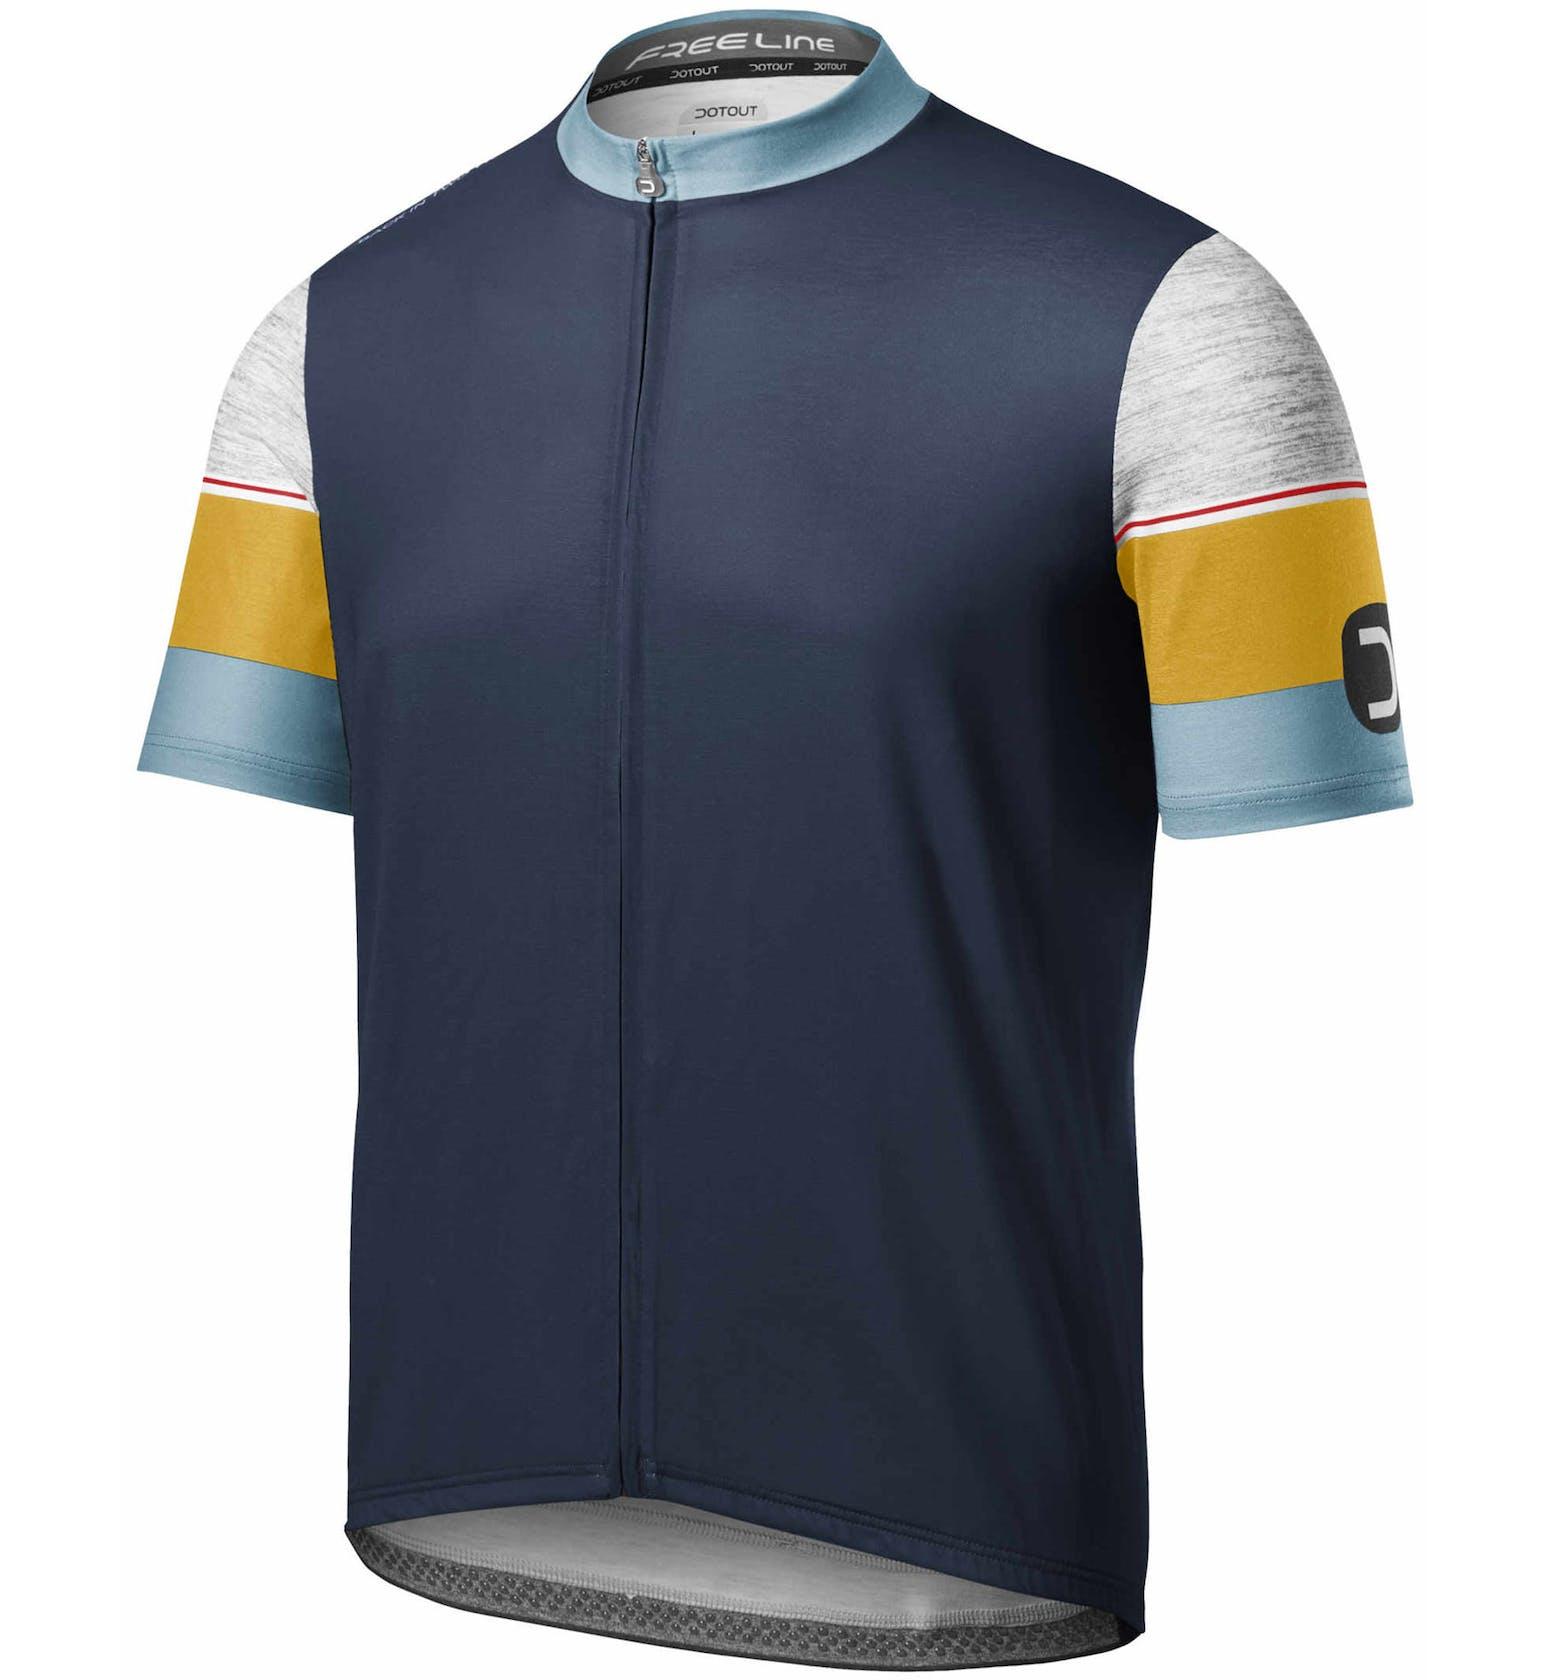 Dotout Roca - maglia bici - uomo